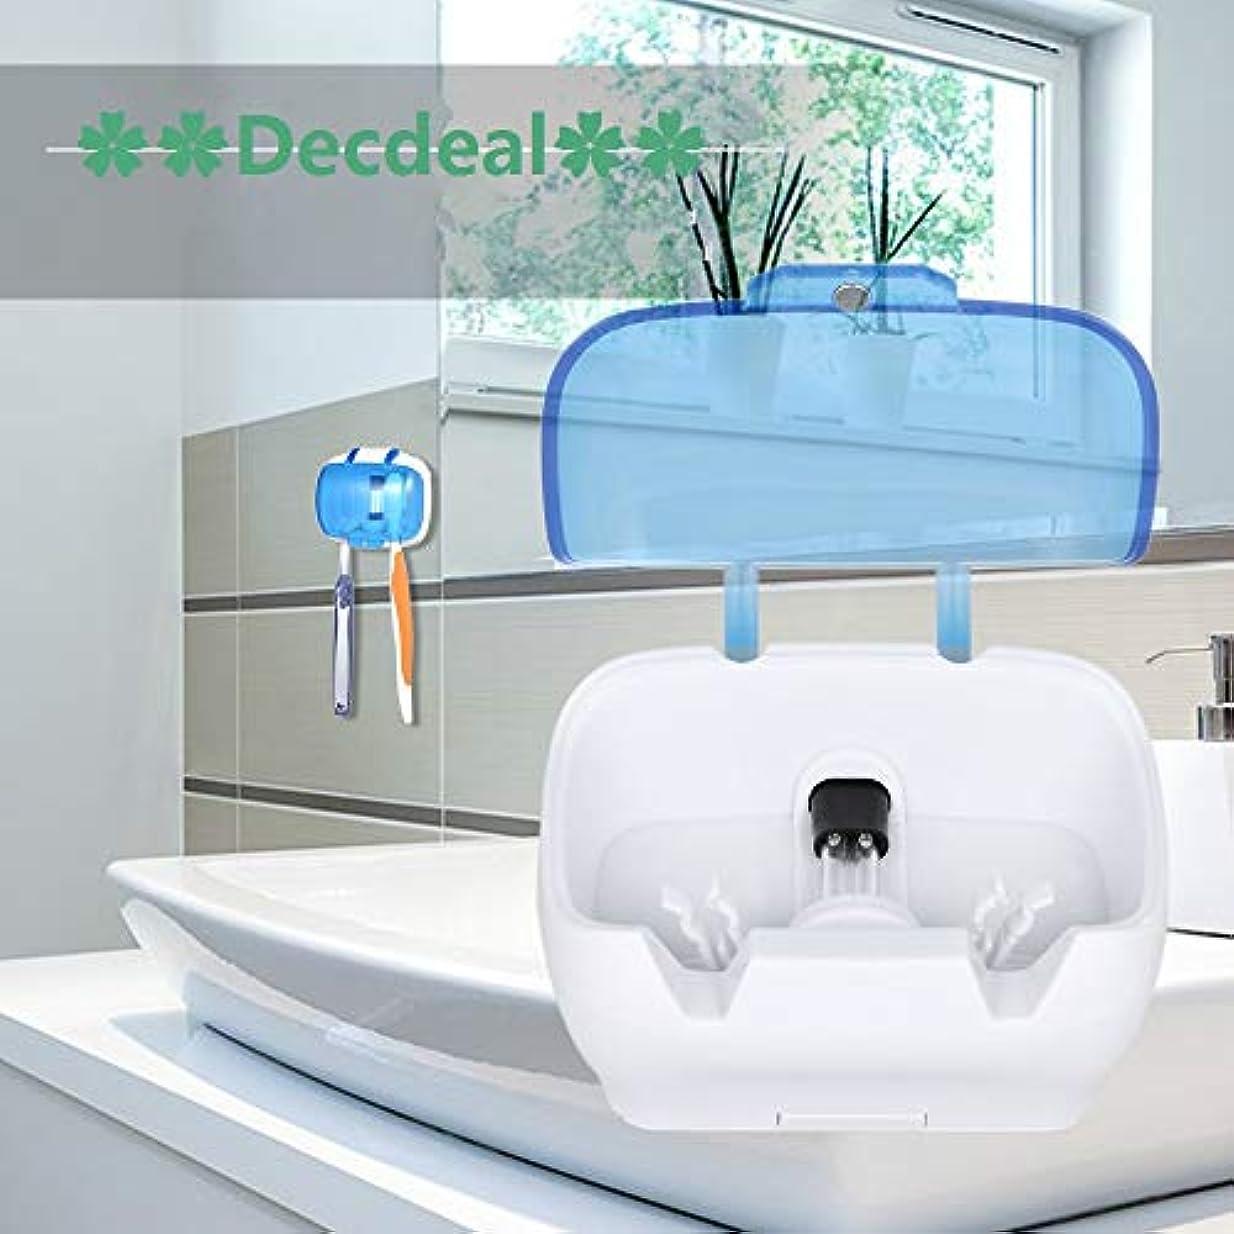 到着献身有望Decdeal UV滅菌キャビネット 多機能消毒クリーンツール プロフェッショナル ネイルアート機器トレイ 温度殺菌ツール 5W 220V USプラグ (歯ブラシUV消毒ボックス)